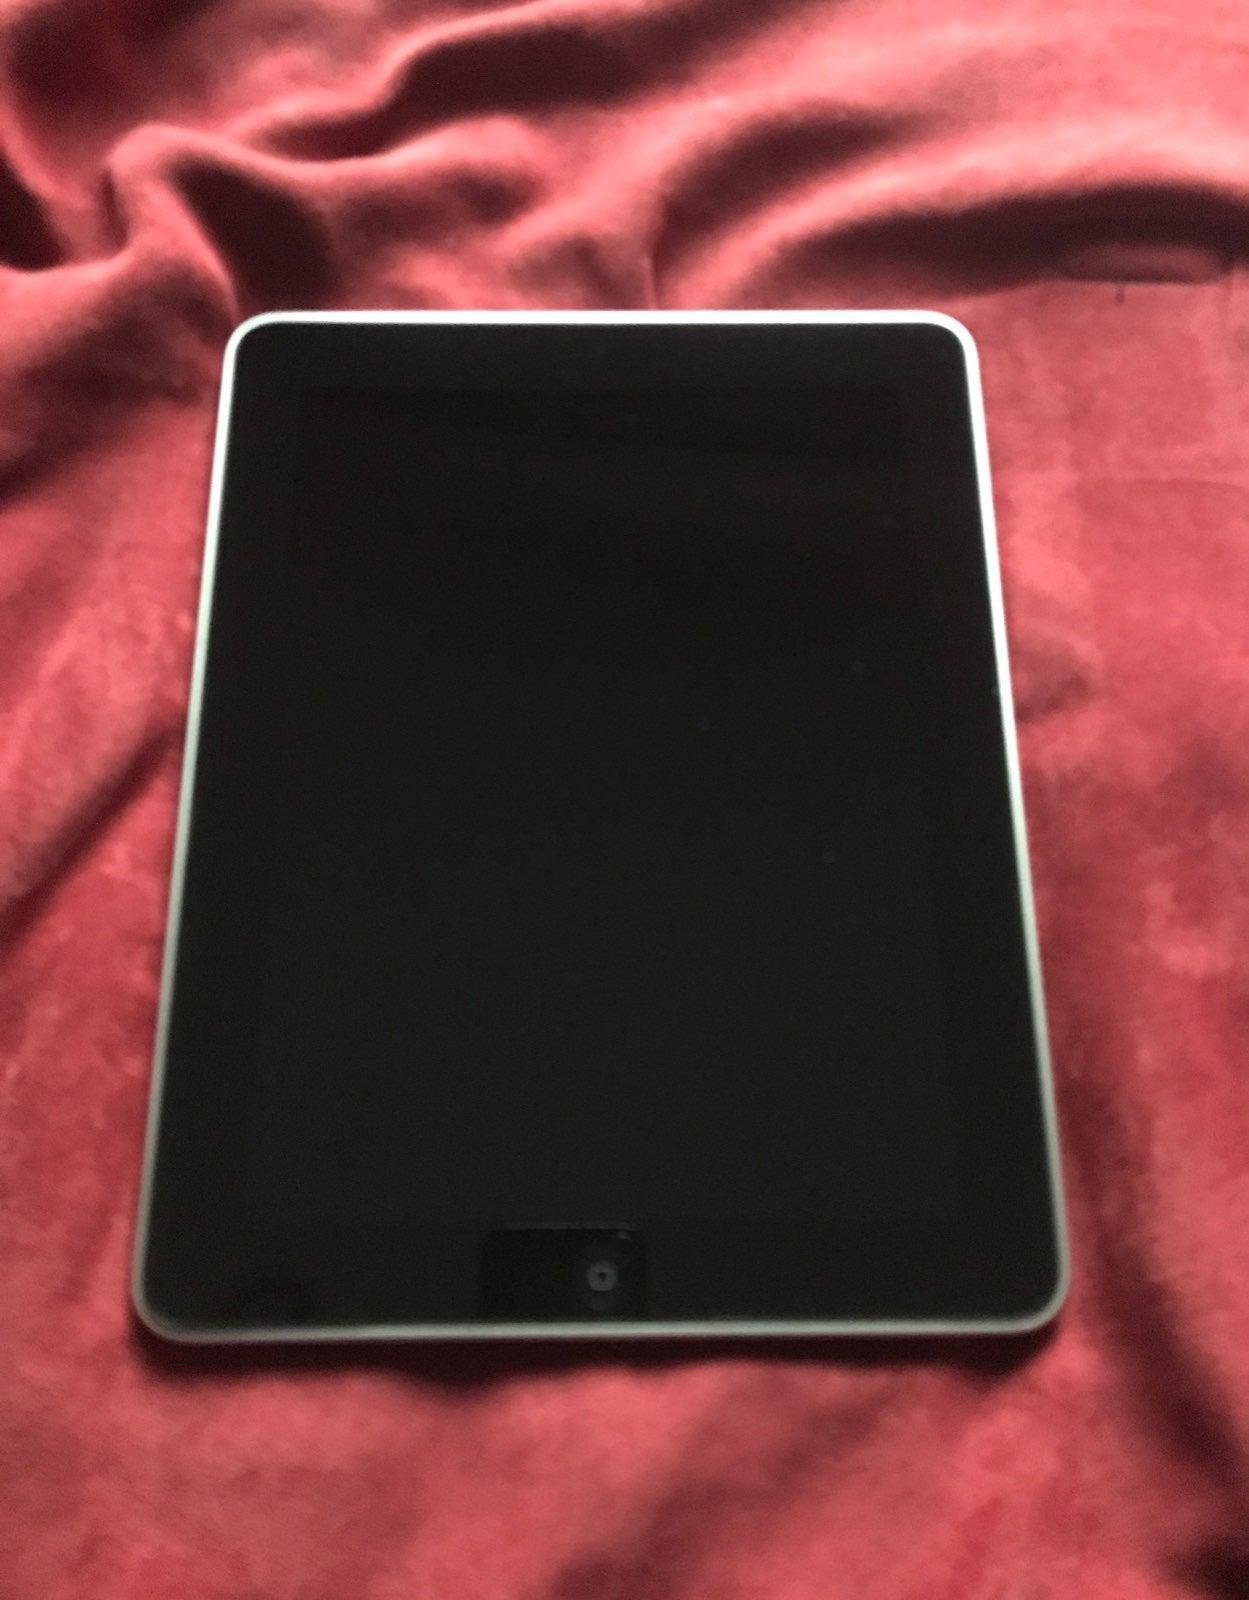 iPad 1st generation Black 64 GB